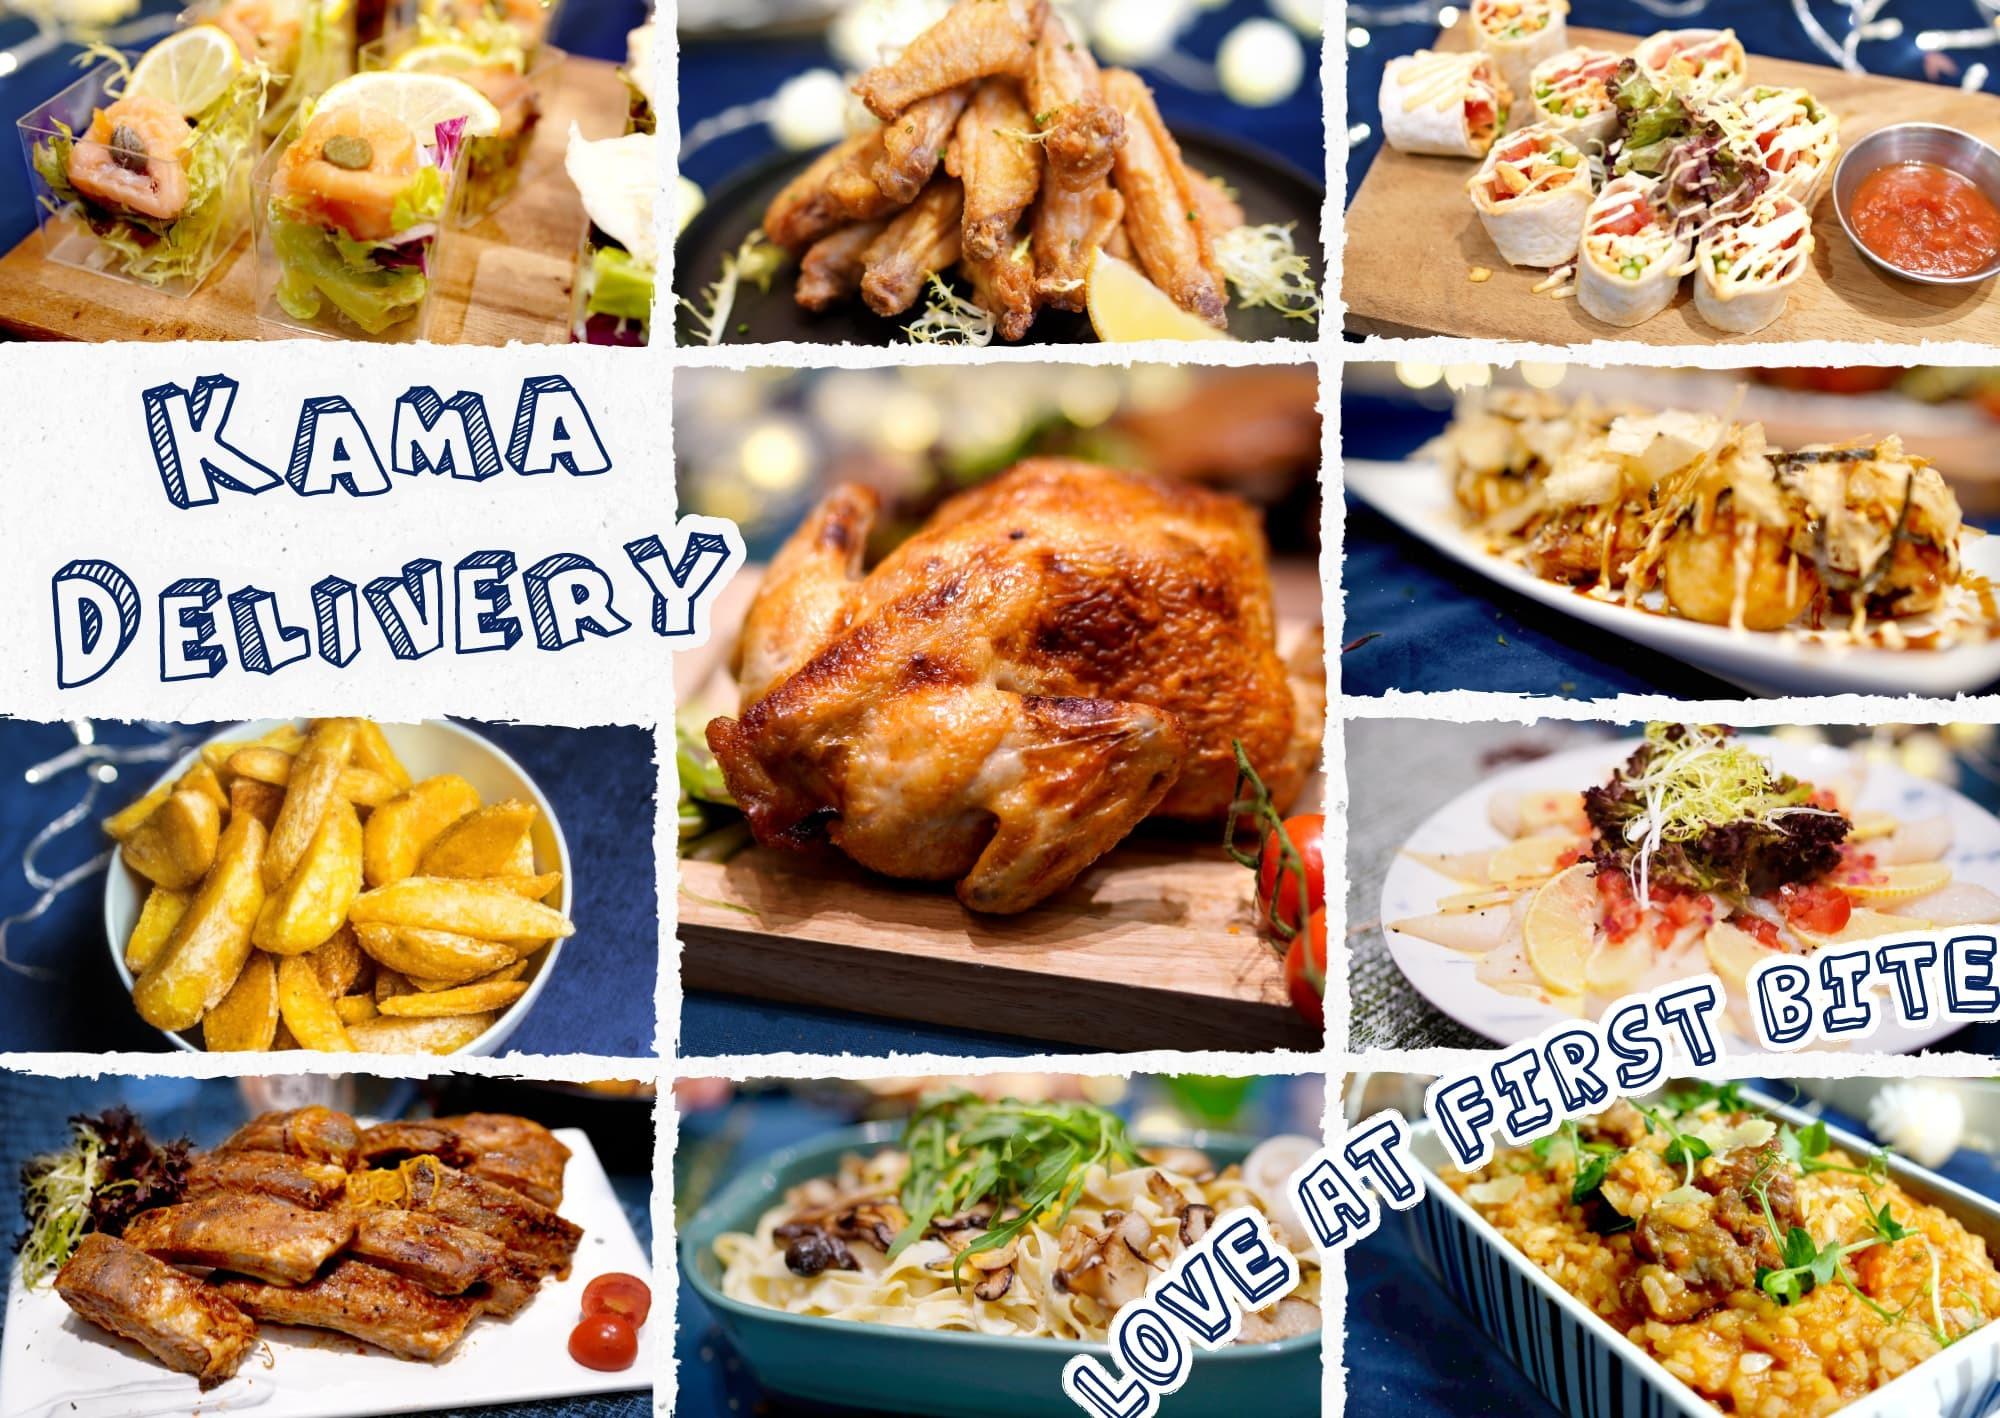 39人外賣套餐速遞 Kama Delivery為39人Party製作各款西式食品,並可為你的派對度身訂造個性化餐單及按人數調整食物份量。